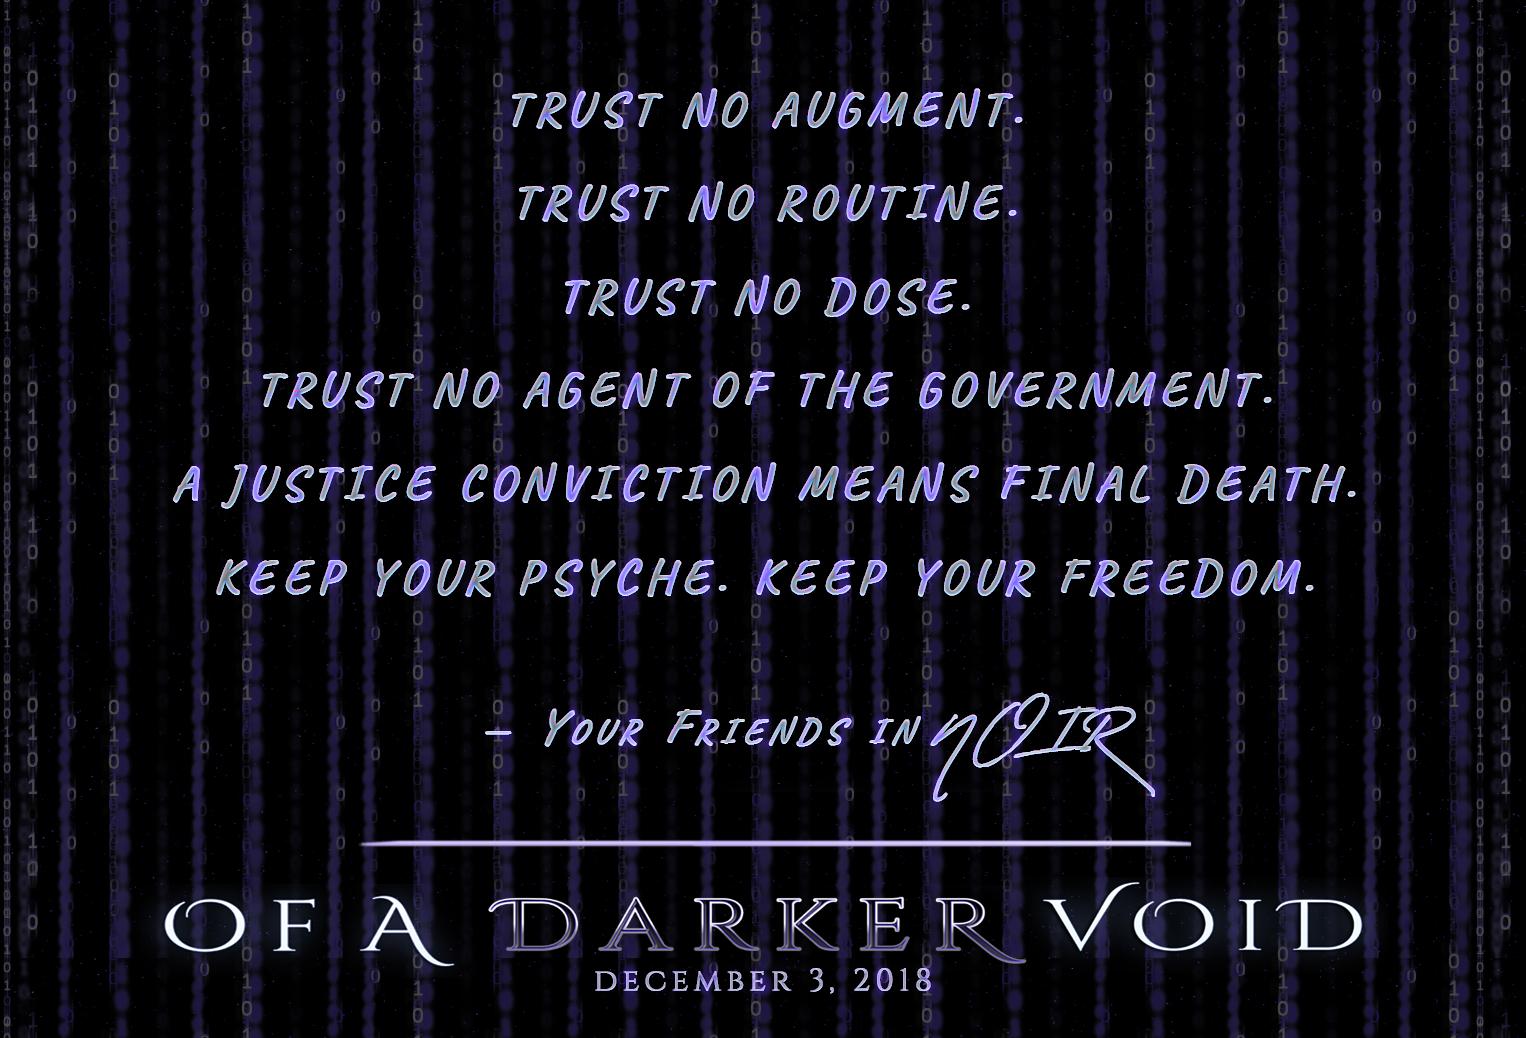 DarkerVoid_TeaserBanner_1.jpg